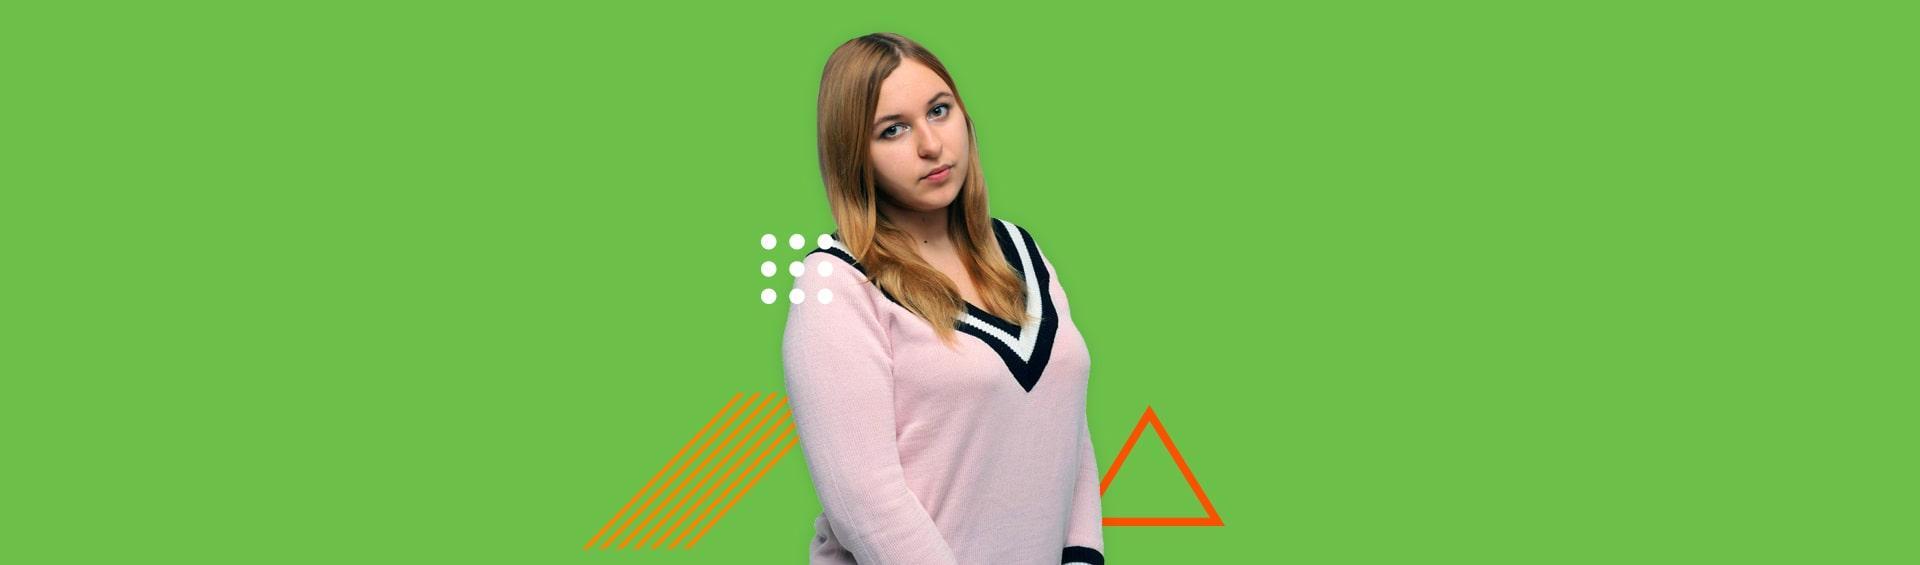 Юлия Повх, Popmechanic: оemail-маркетинге сразвязанными руками